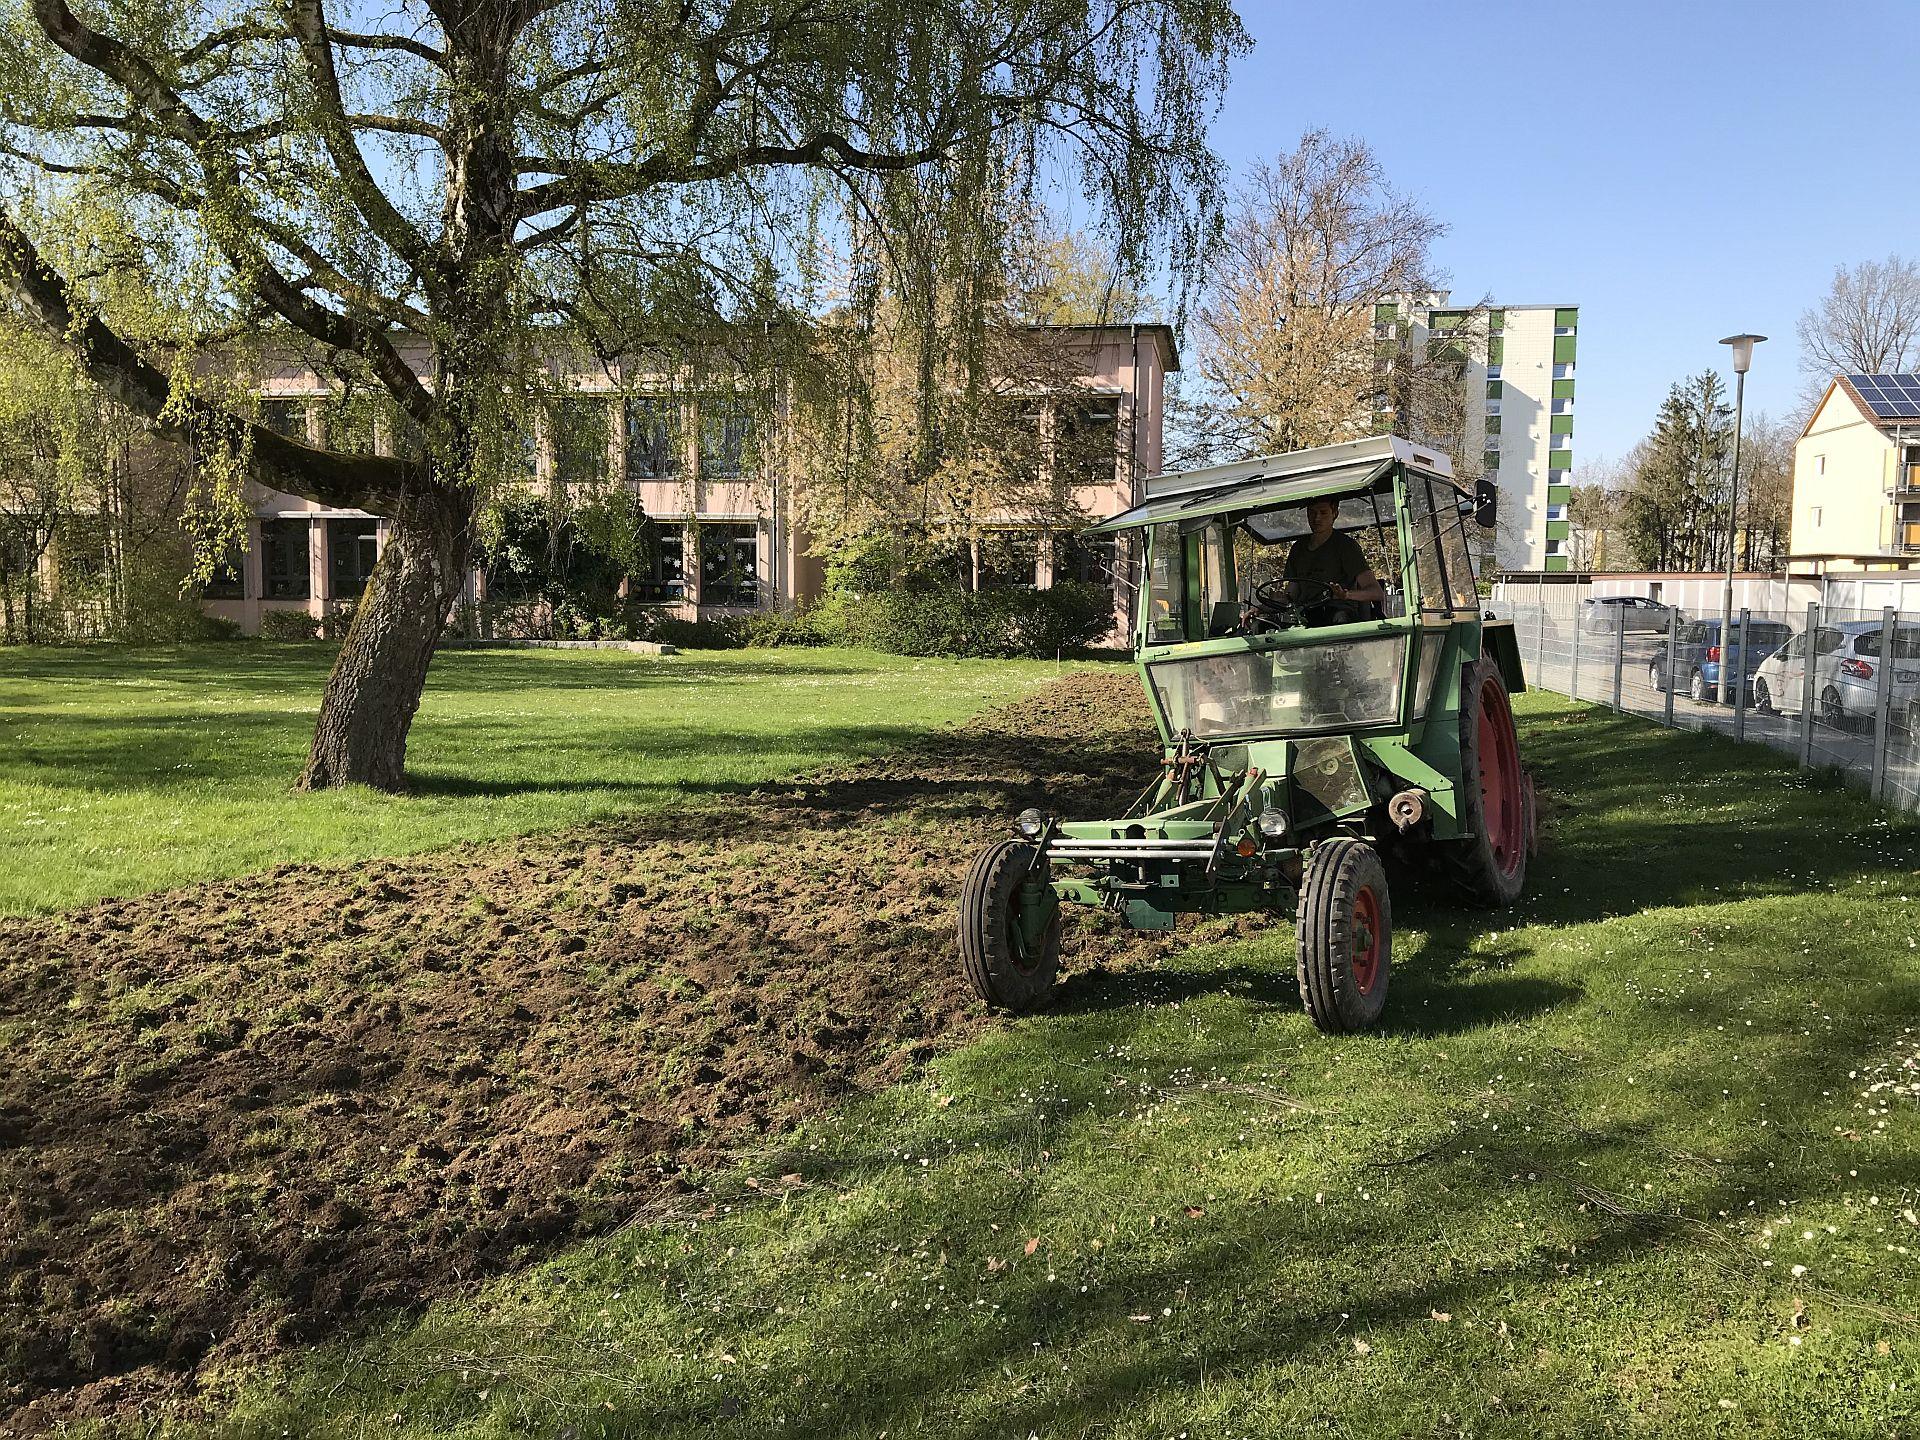 Ein Traktor bereitet die Wiese für die Pflanzen des Naturlernraums vor